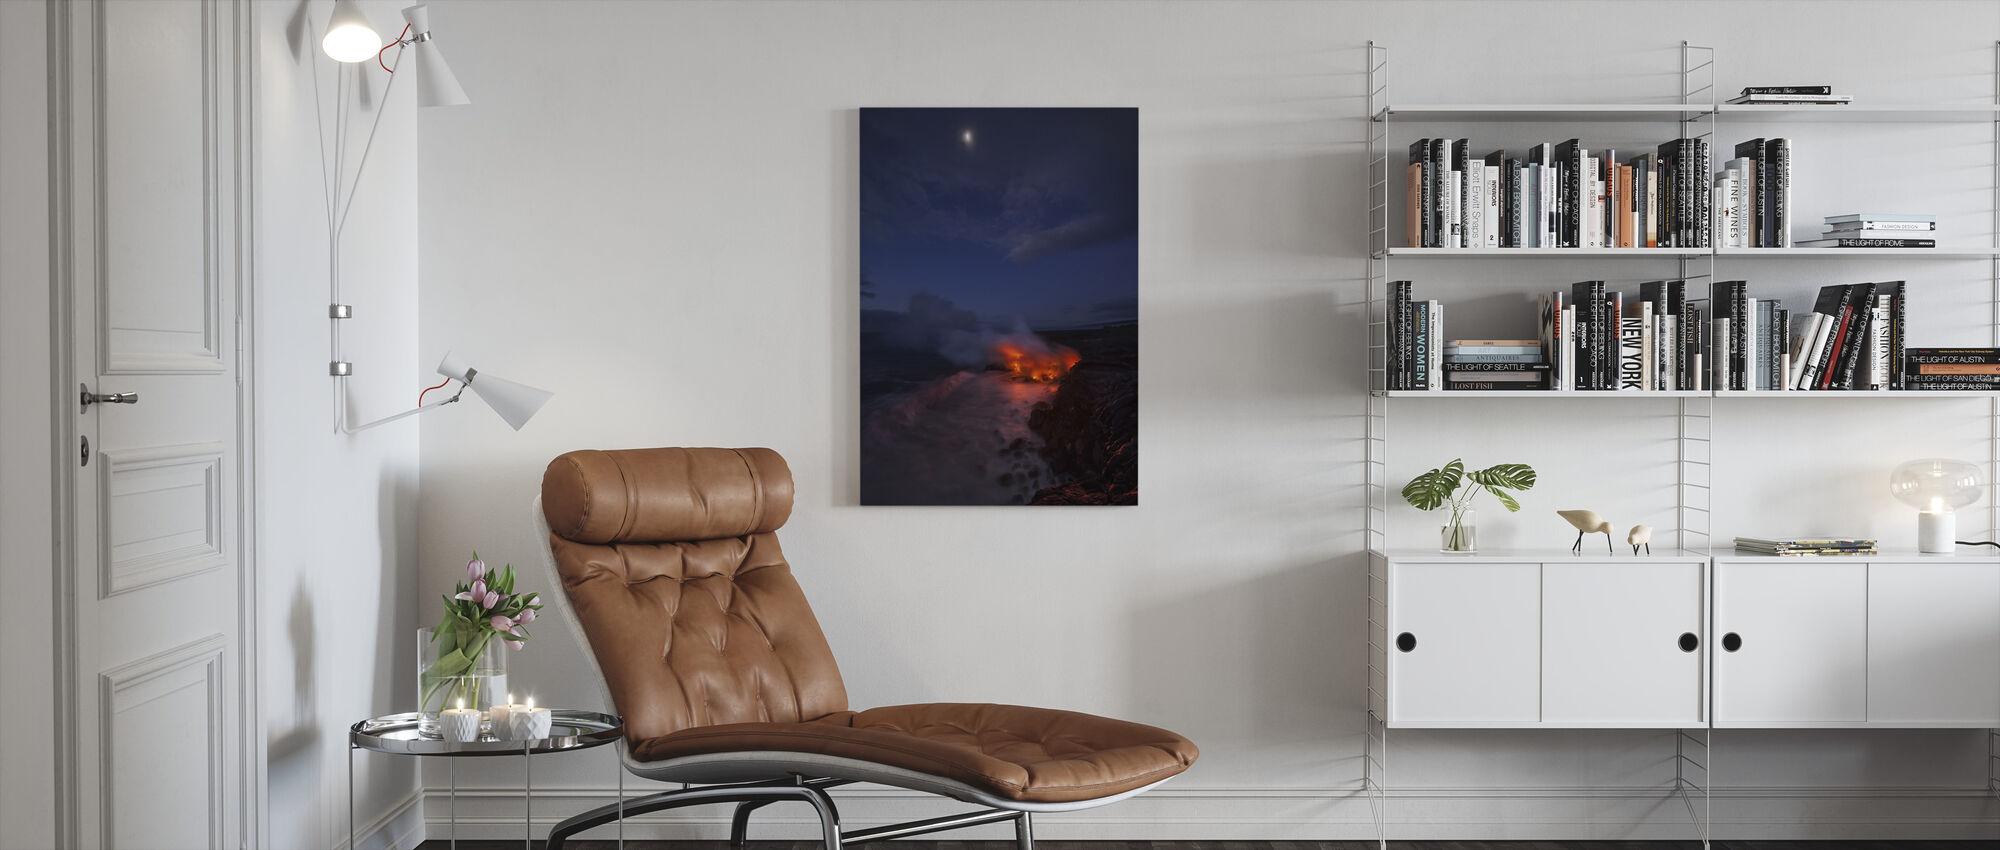 Dun denken - Canvas print - Woonkamer